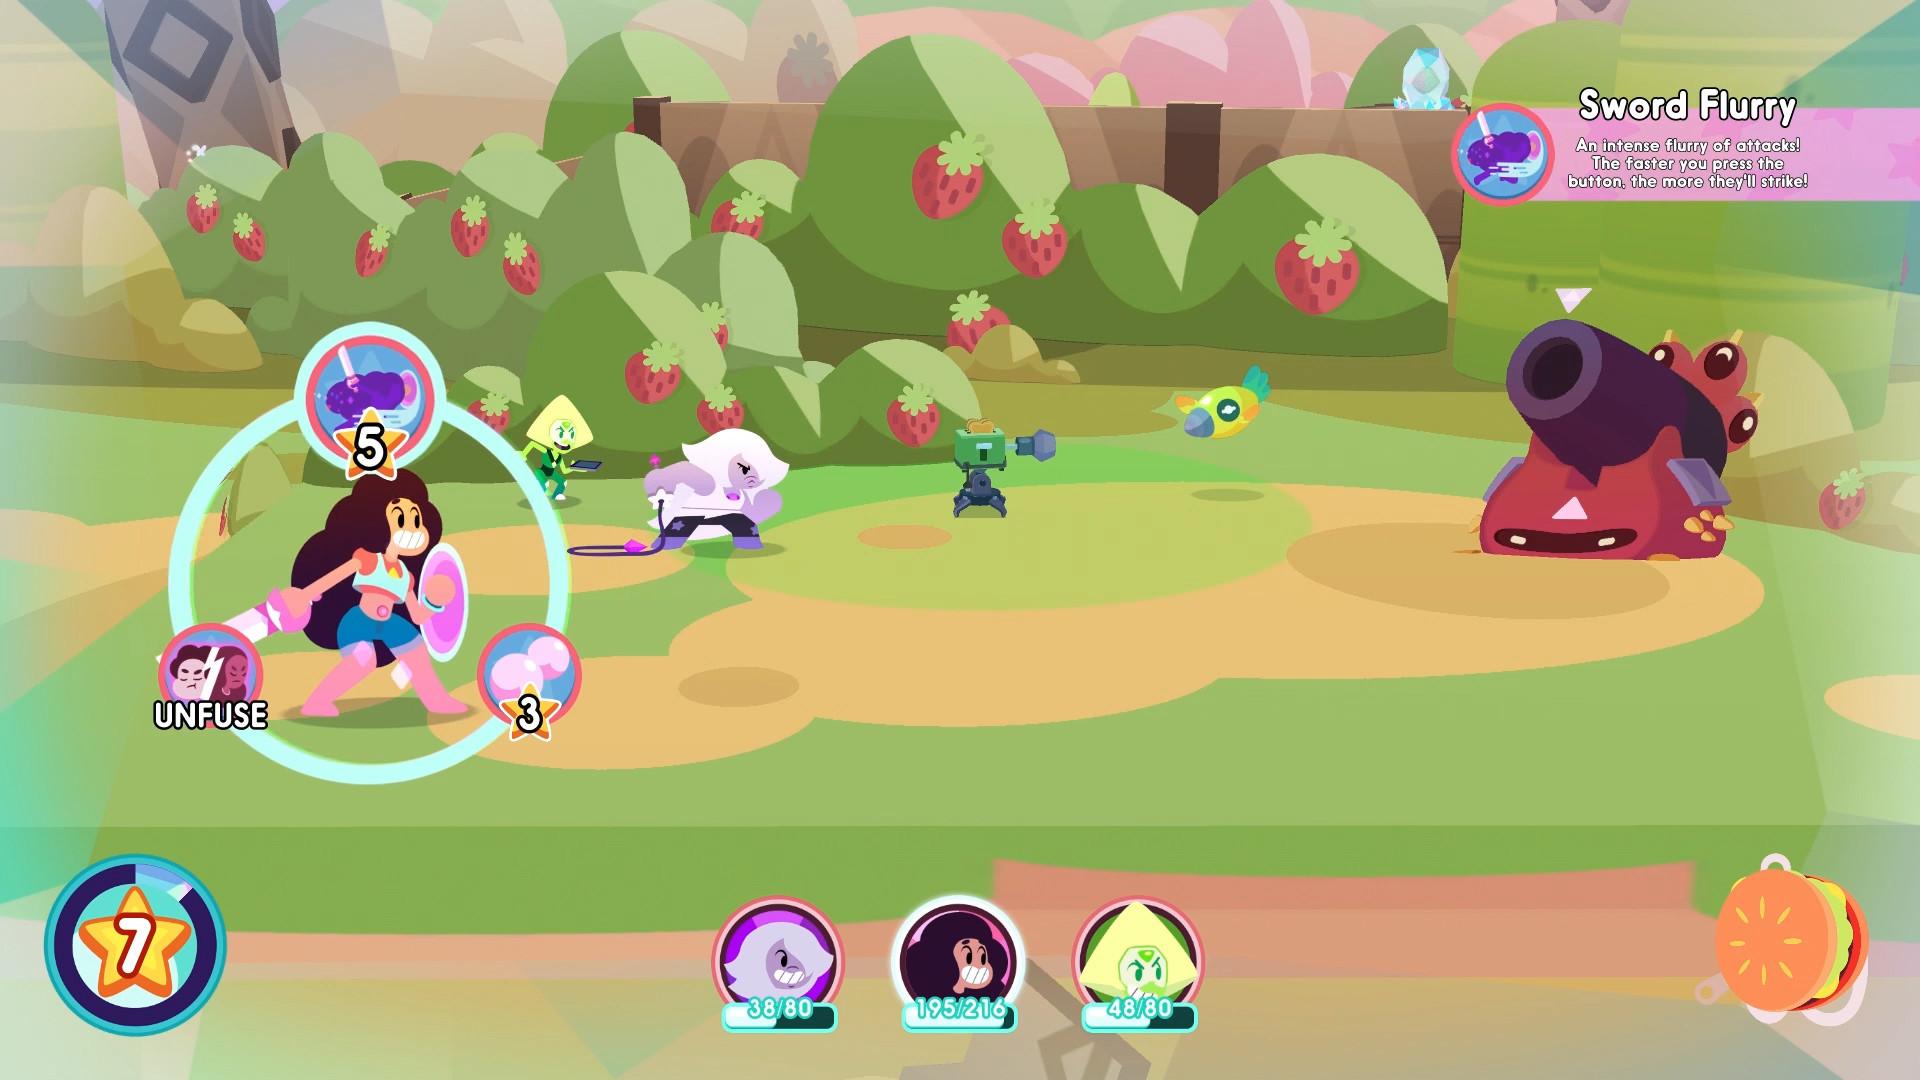 Steven Universe: Save the Light Screenshot 3